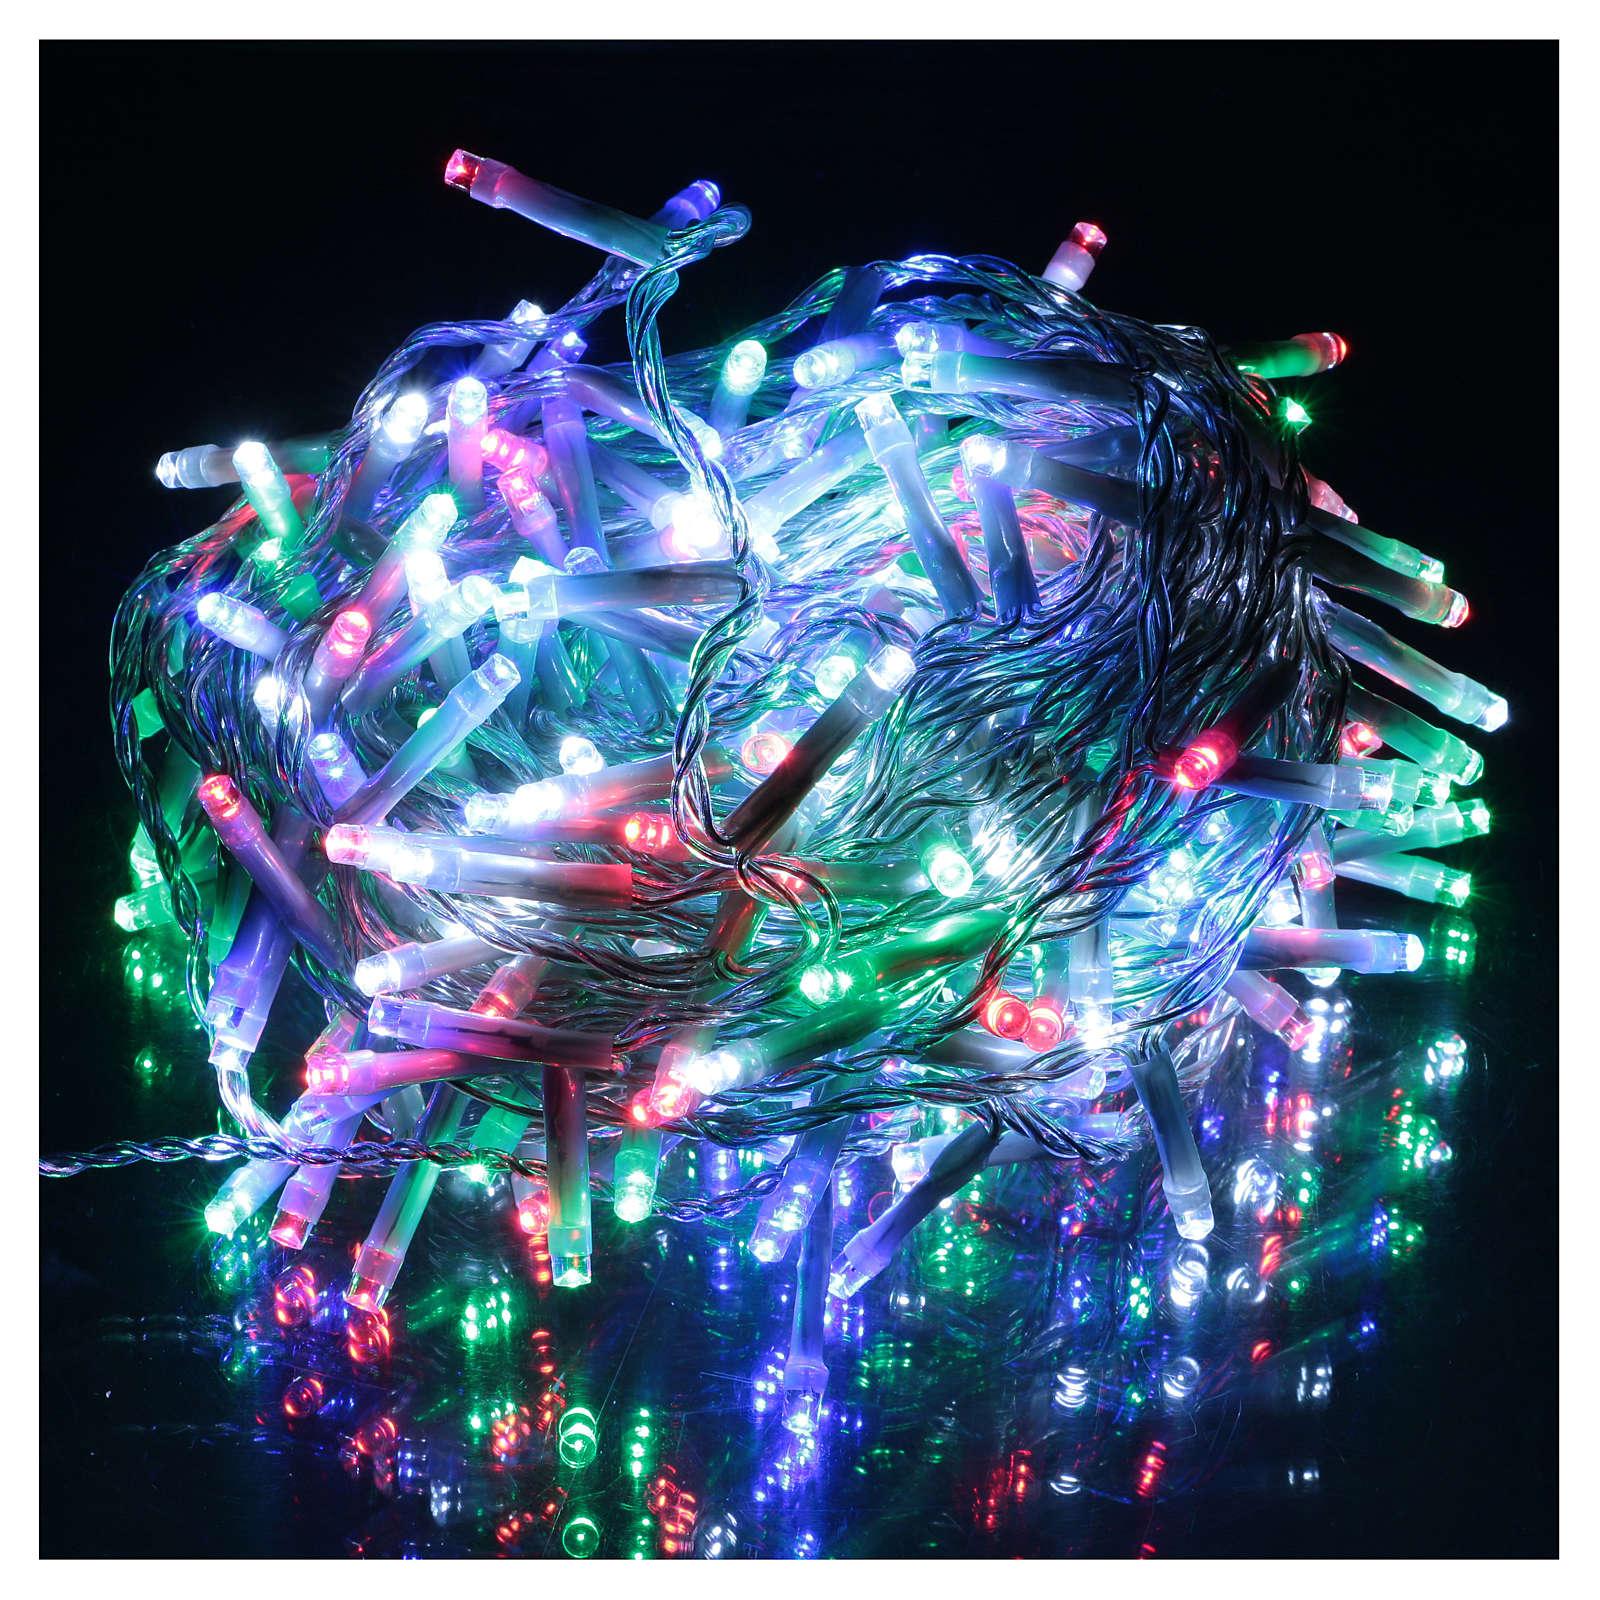 Luce Natalizia catena 240 led multicolori esterni interruttore 12 m 3